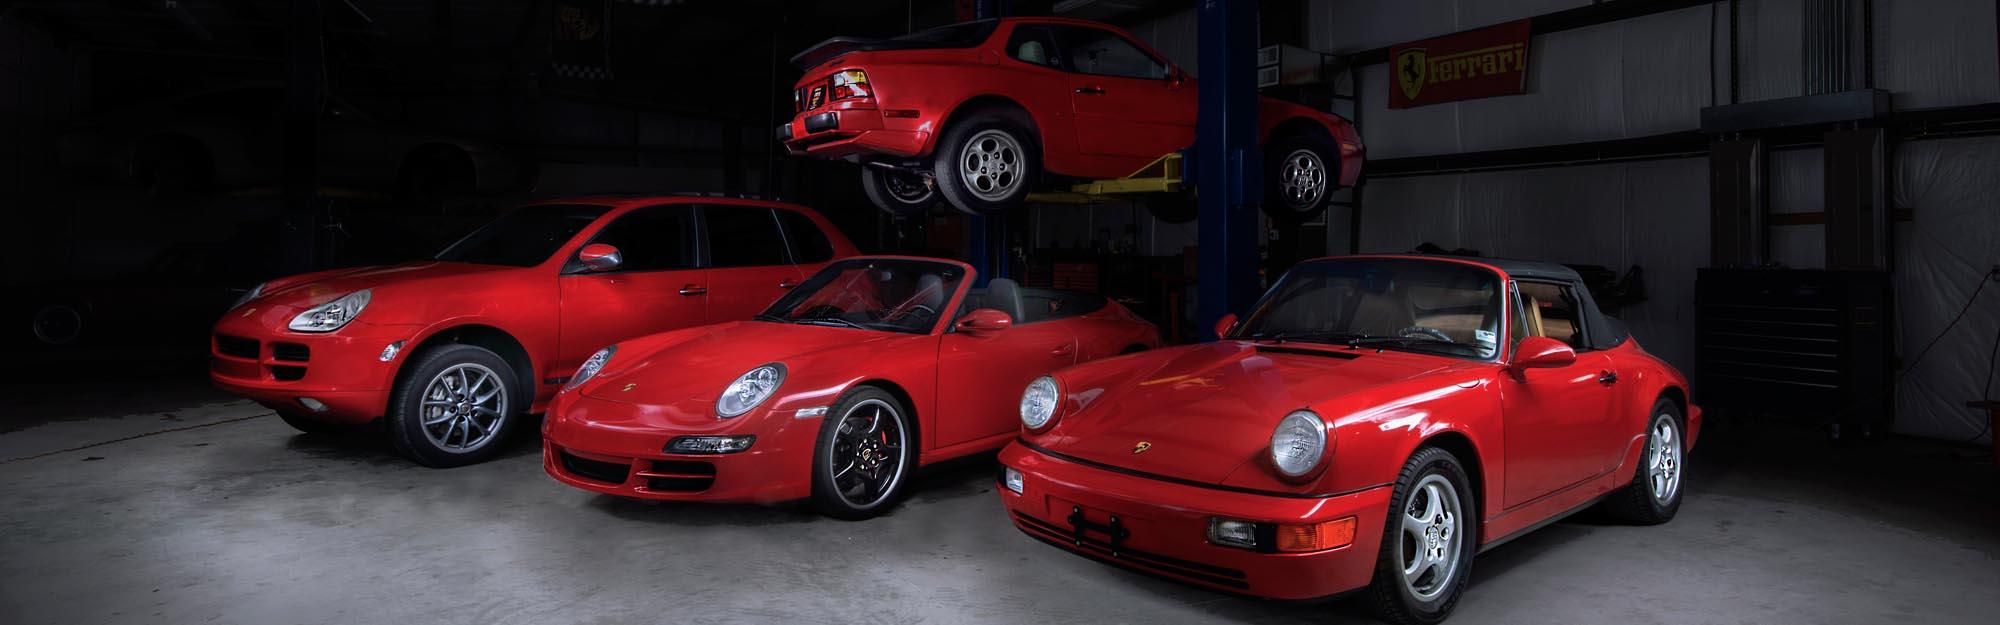 Porsche 911, C4S, 964, Cayenne, 944